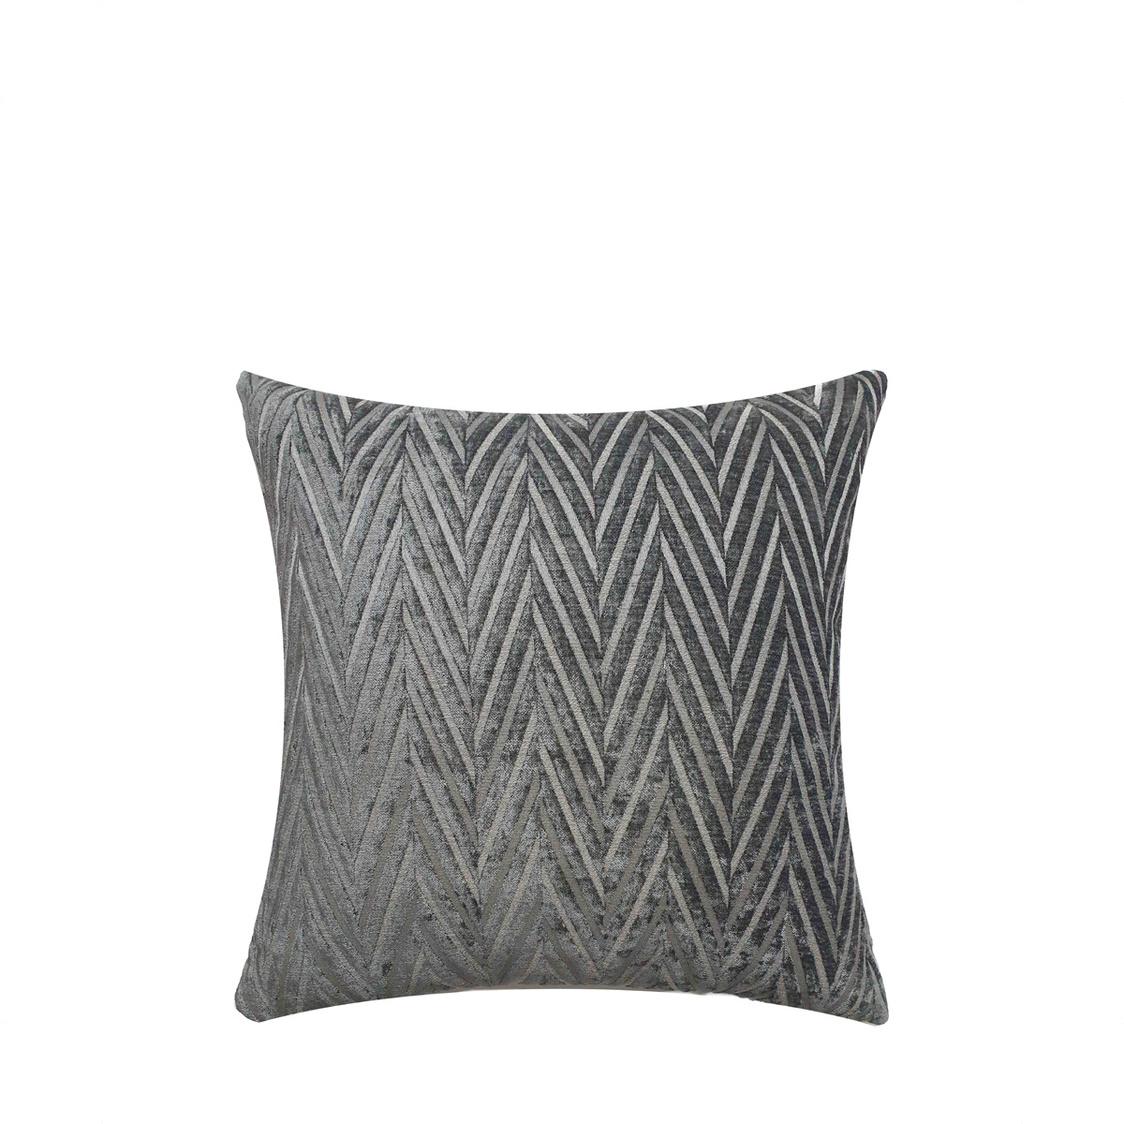 JRapee Lola Cushion Cover Grey 43x43cm